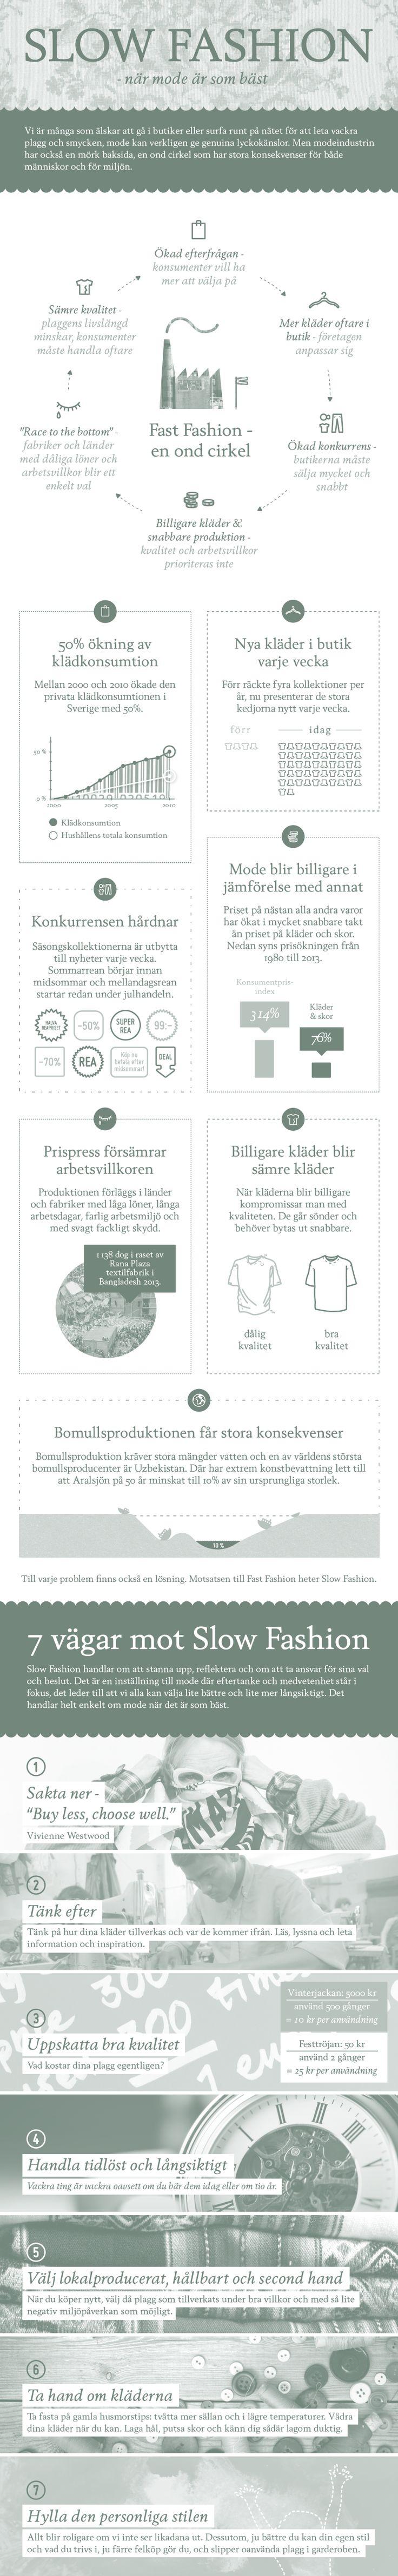 infografik_800_webb